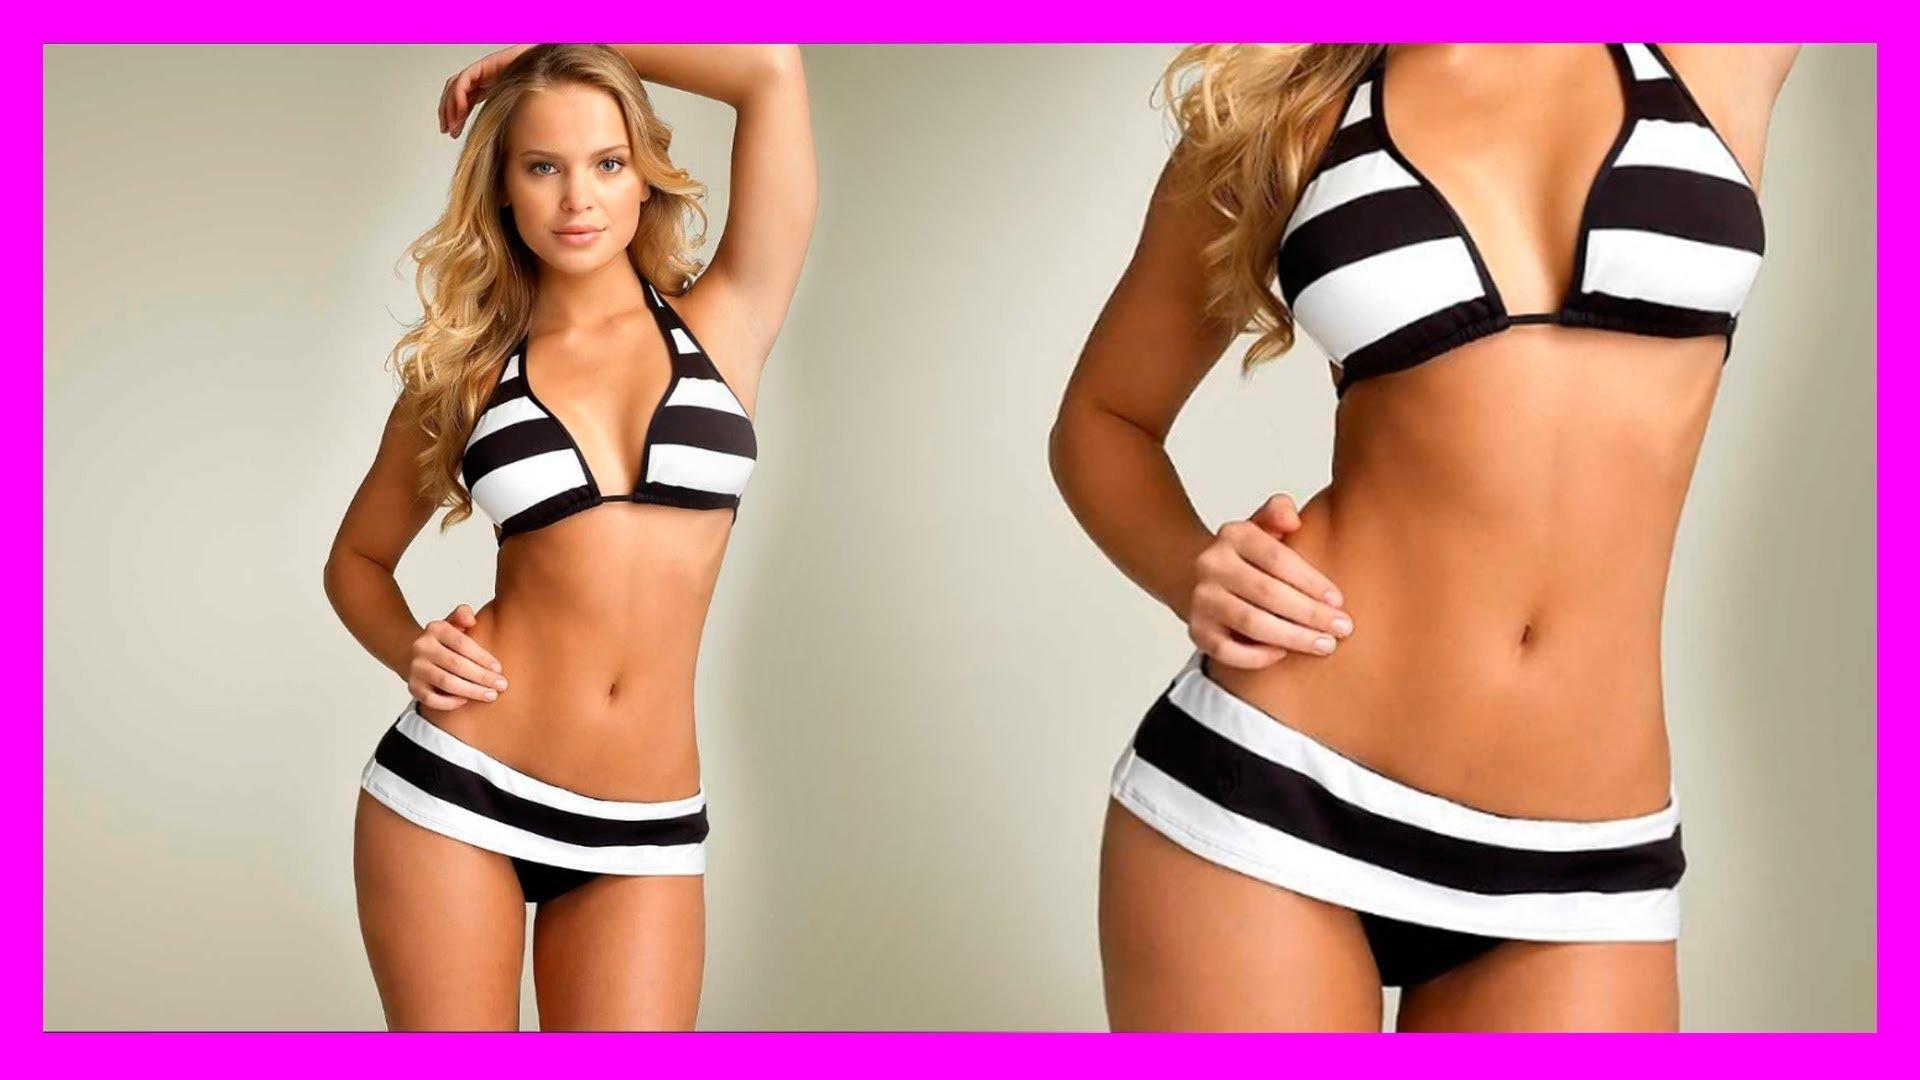 Photoshop – Estilizar figura, retocar cuerpo, aumentar pechos.